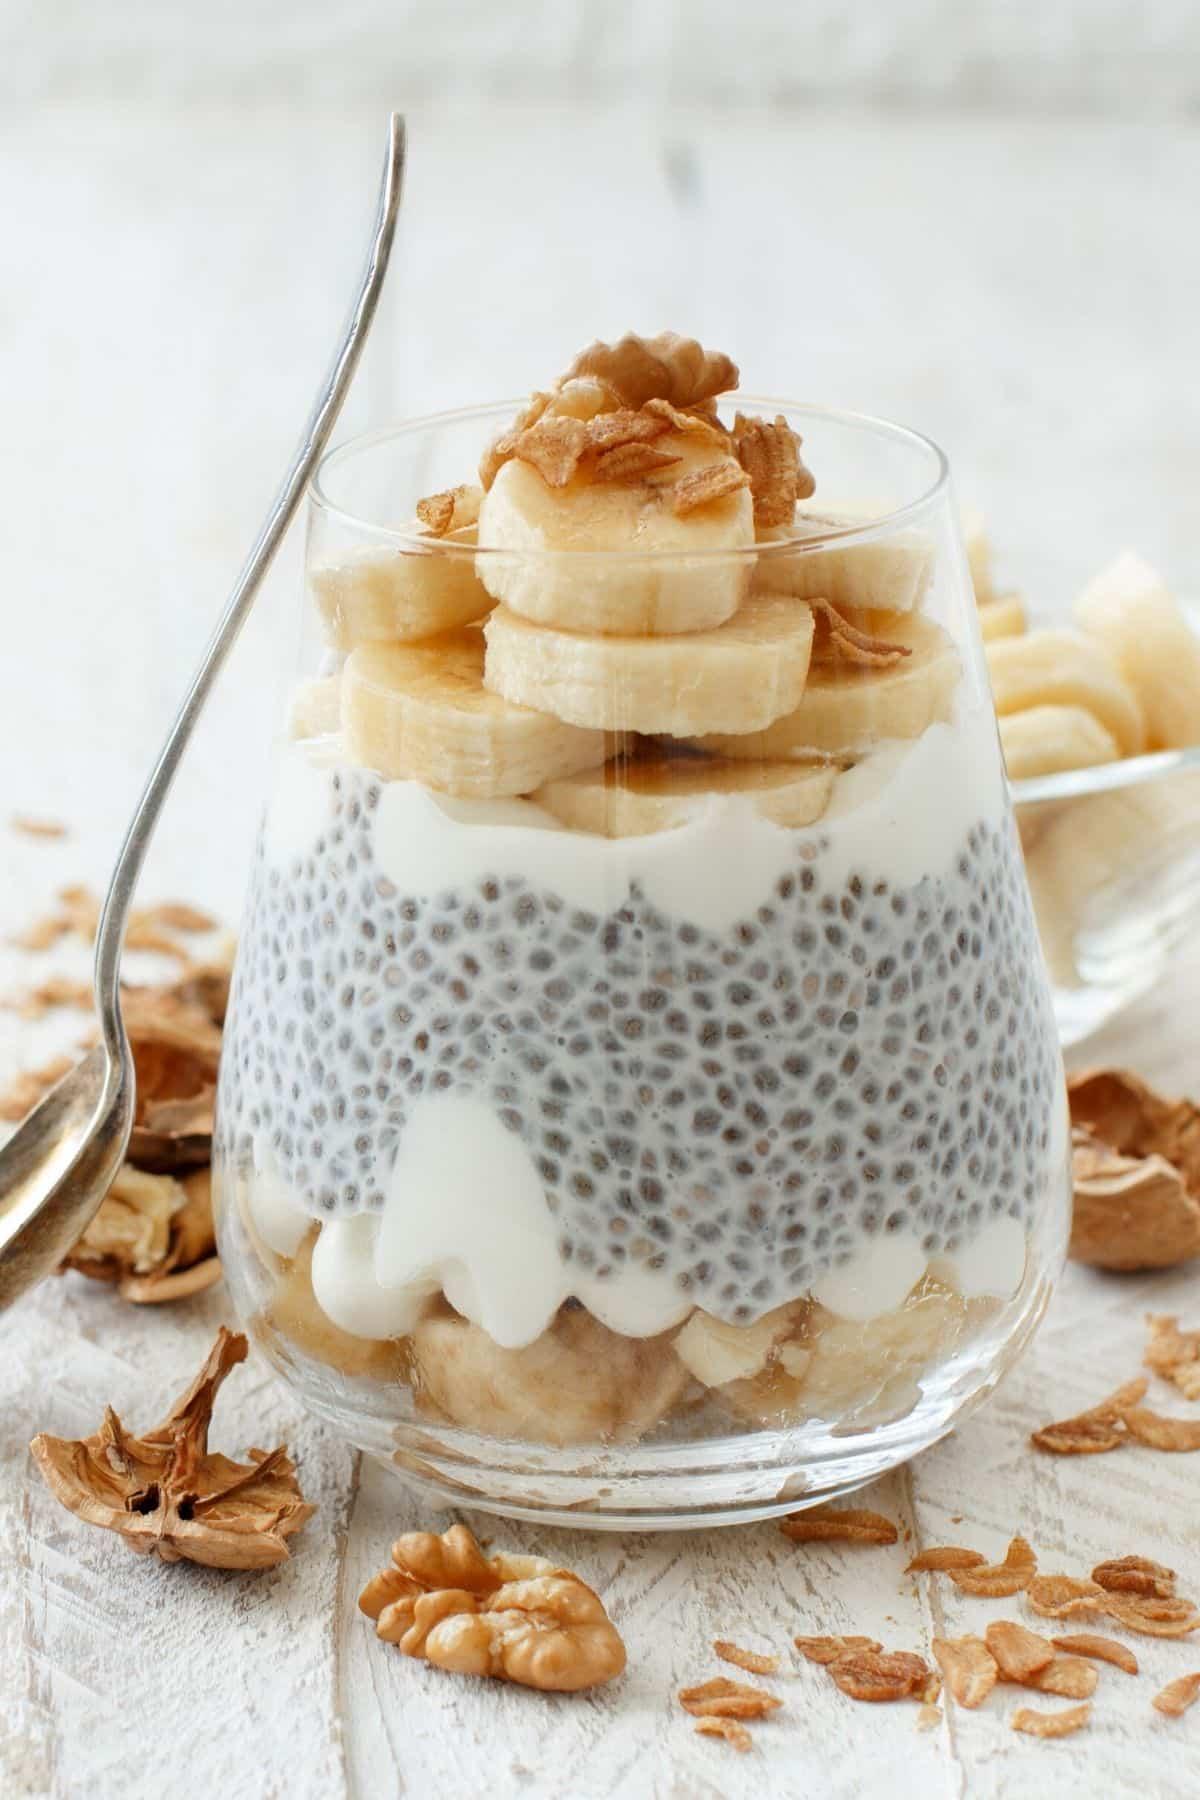 chia pudding with bananas